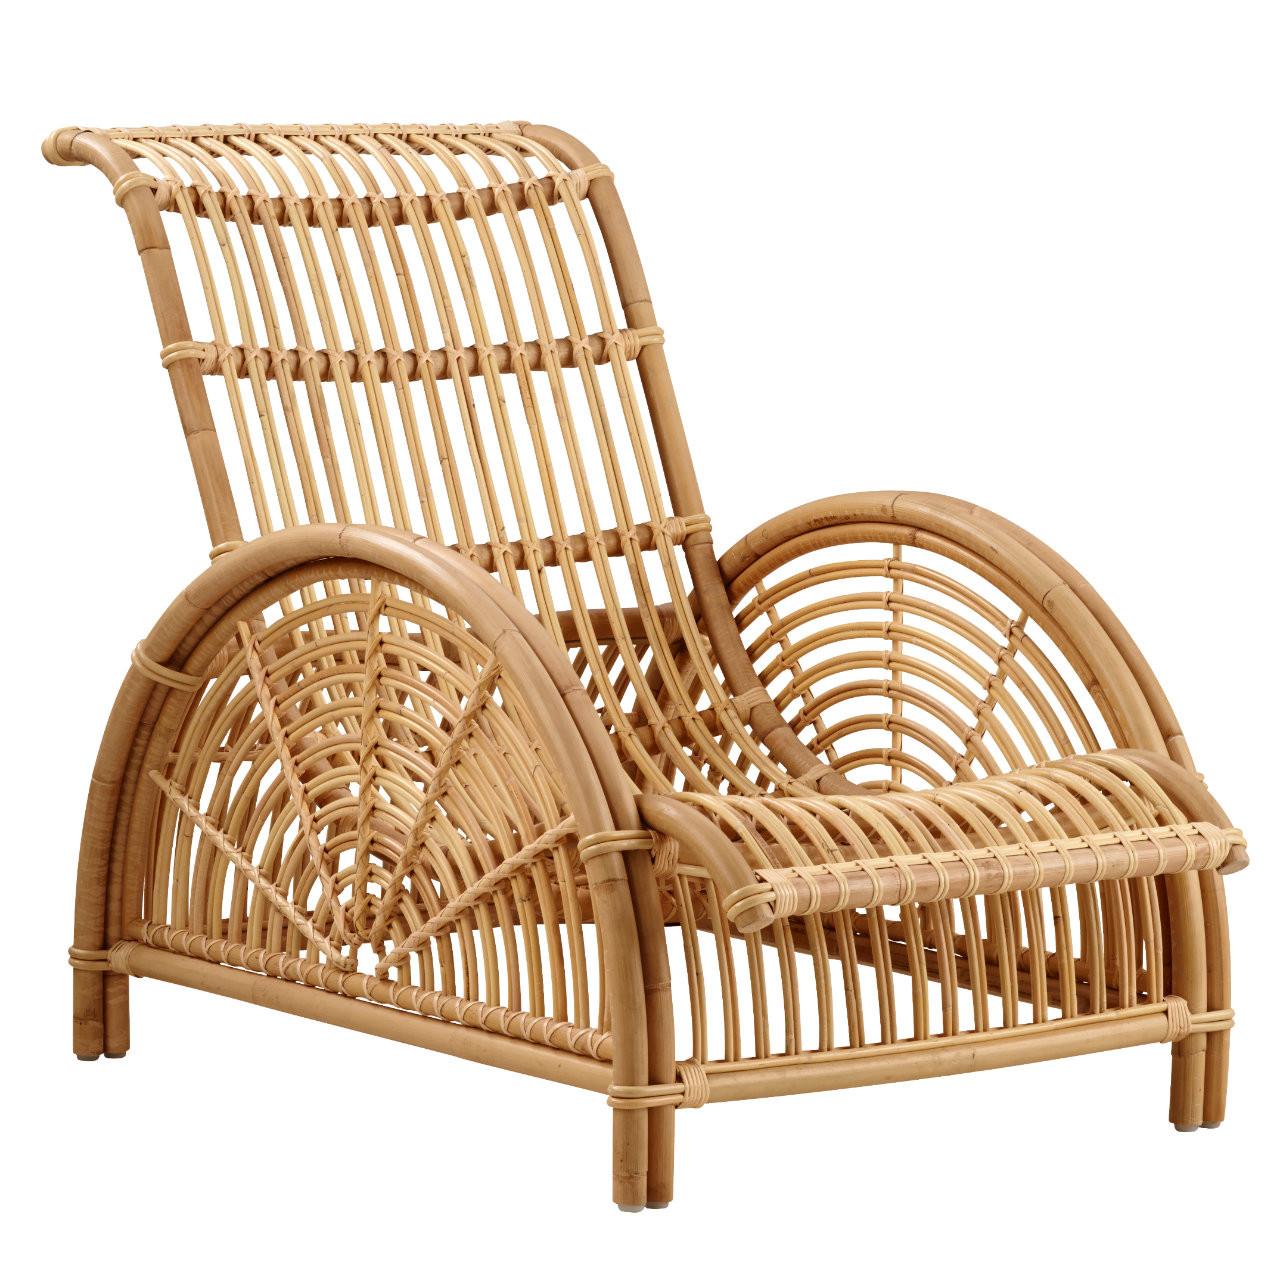 Sika Design Arne Jacobsen Paris Chair Rattan Lounge Chair